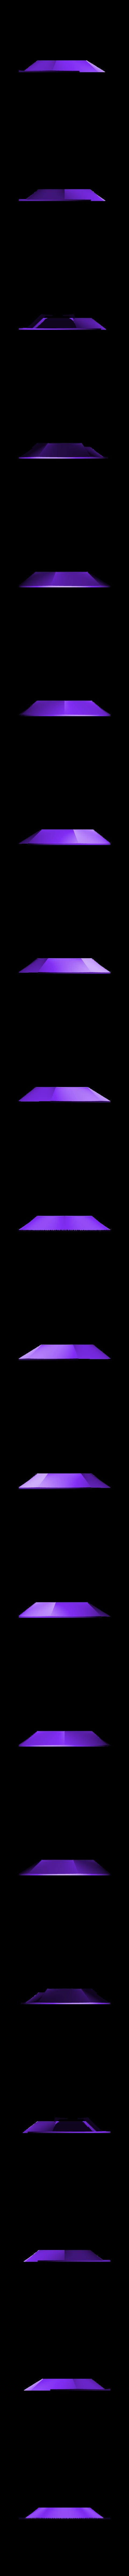 Pentagon Gem.stl Download STL file Steven Universe Cosplay Gem Set • 3D printable object, httpkoopa